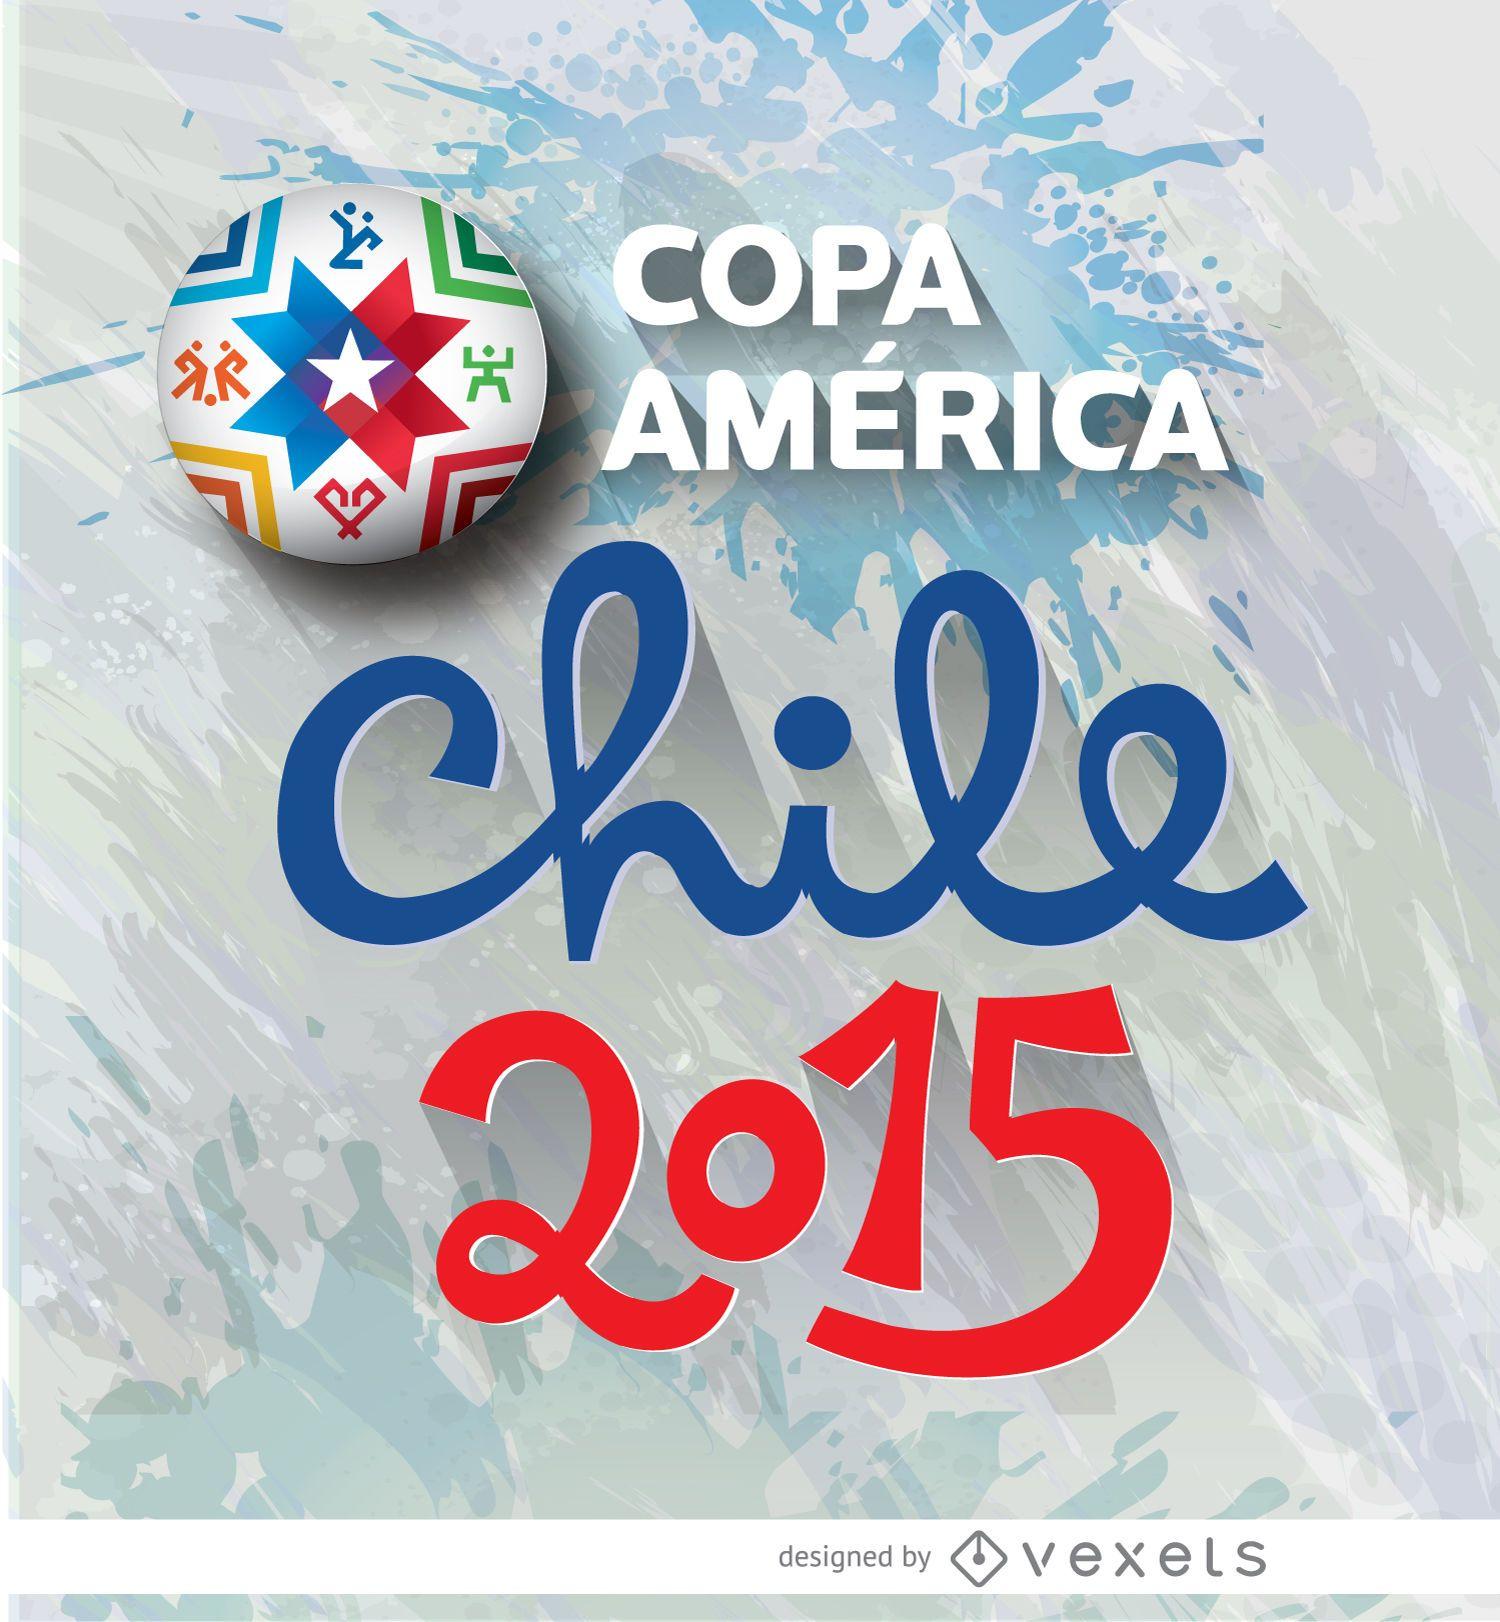 Logotipo de la Copa América Chile